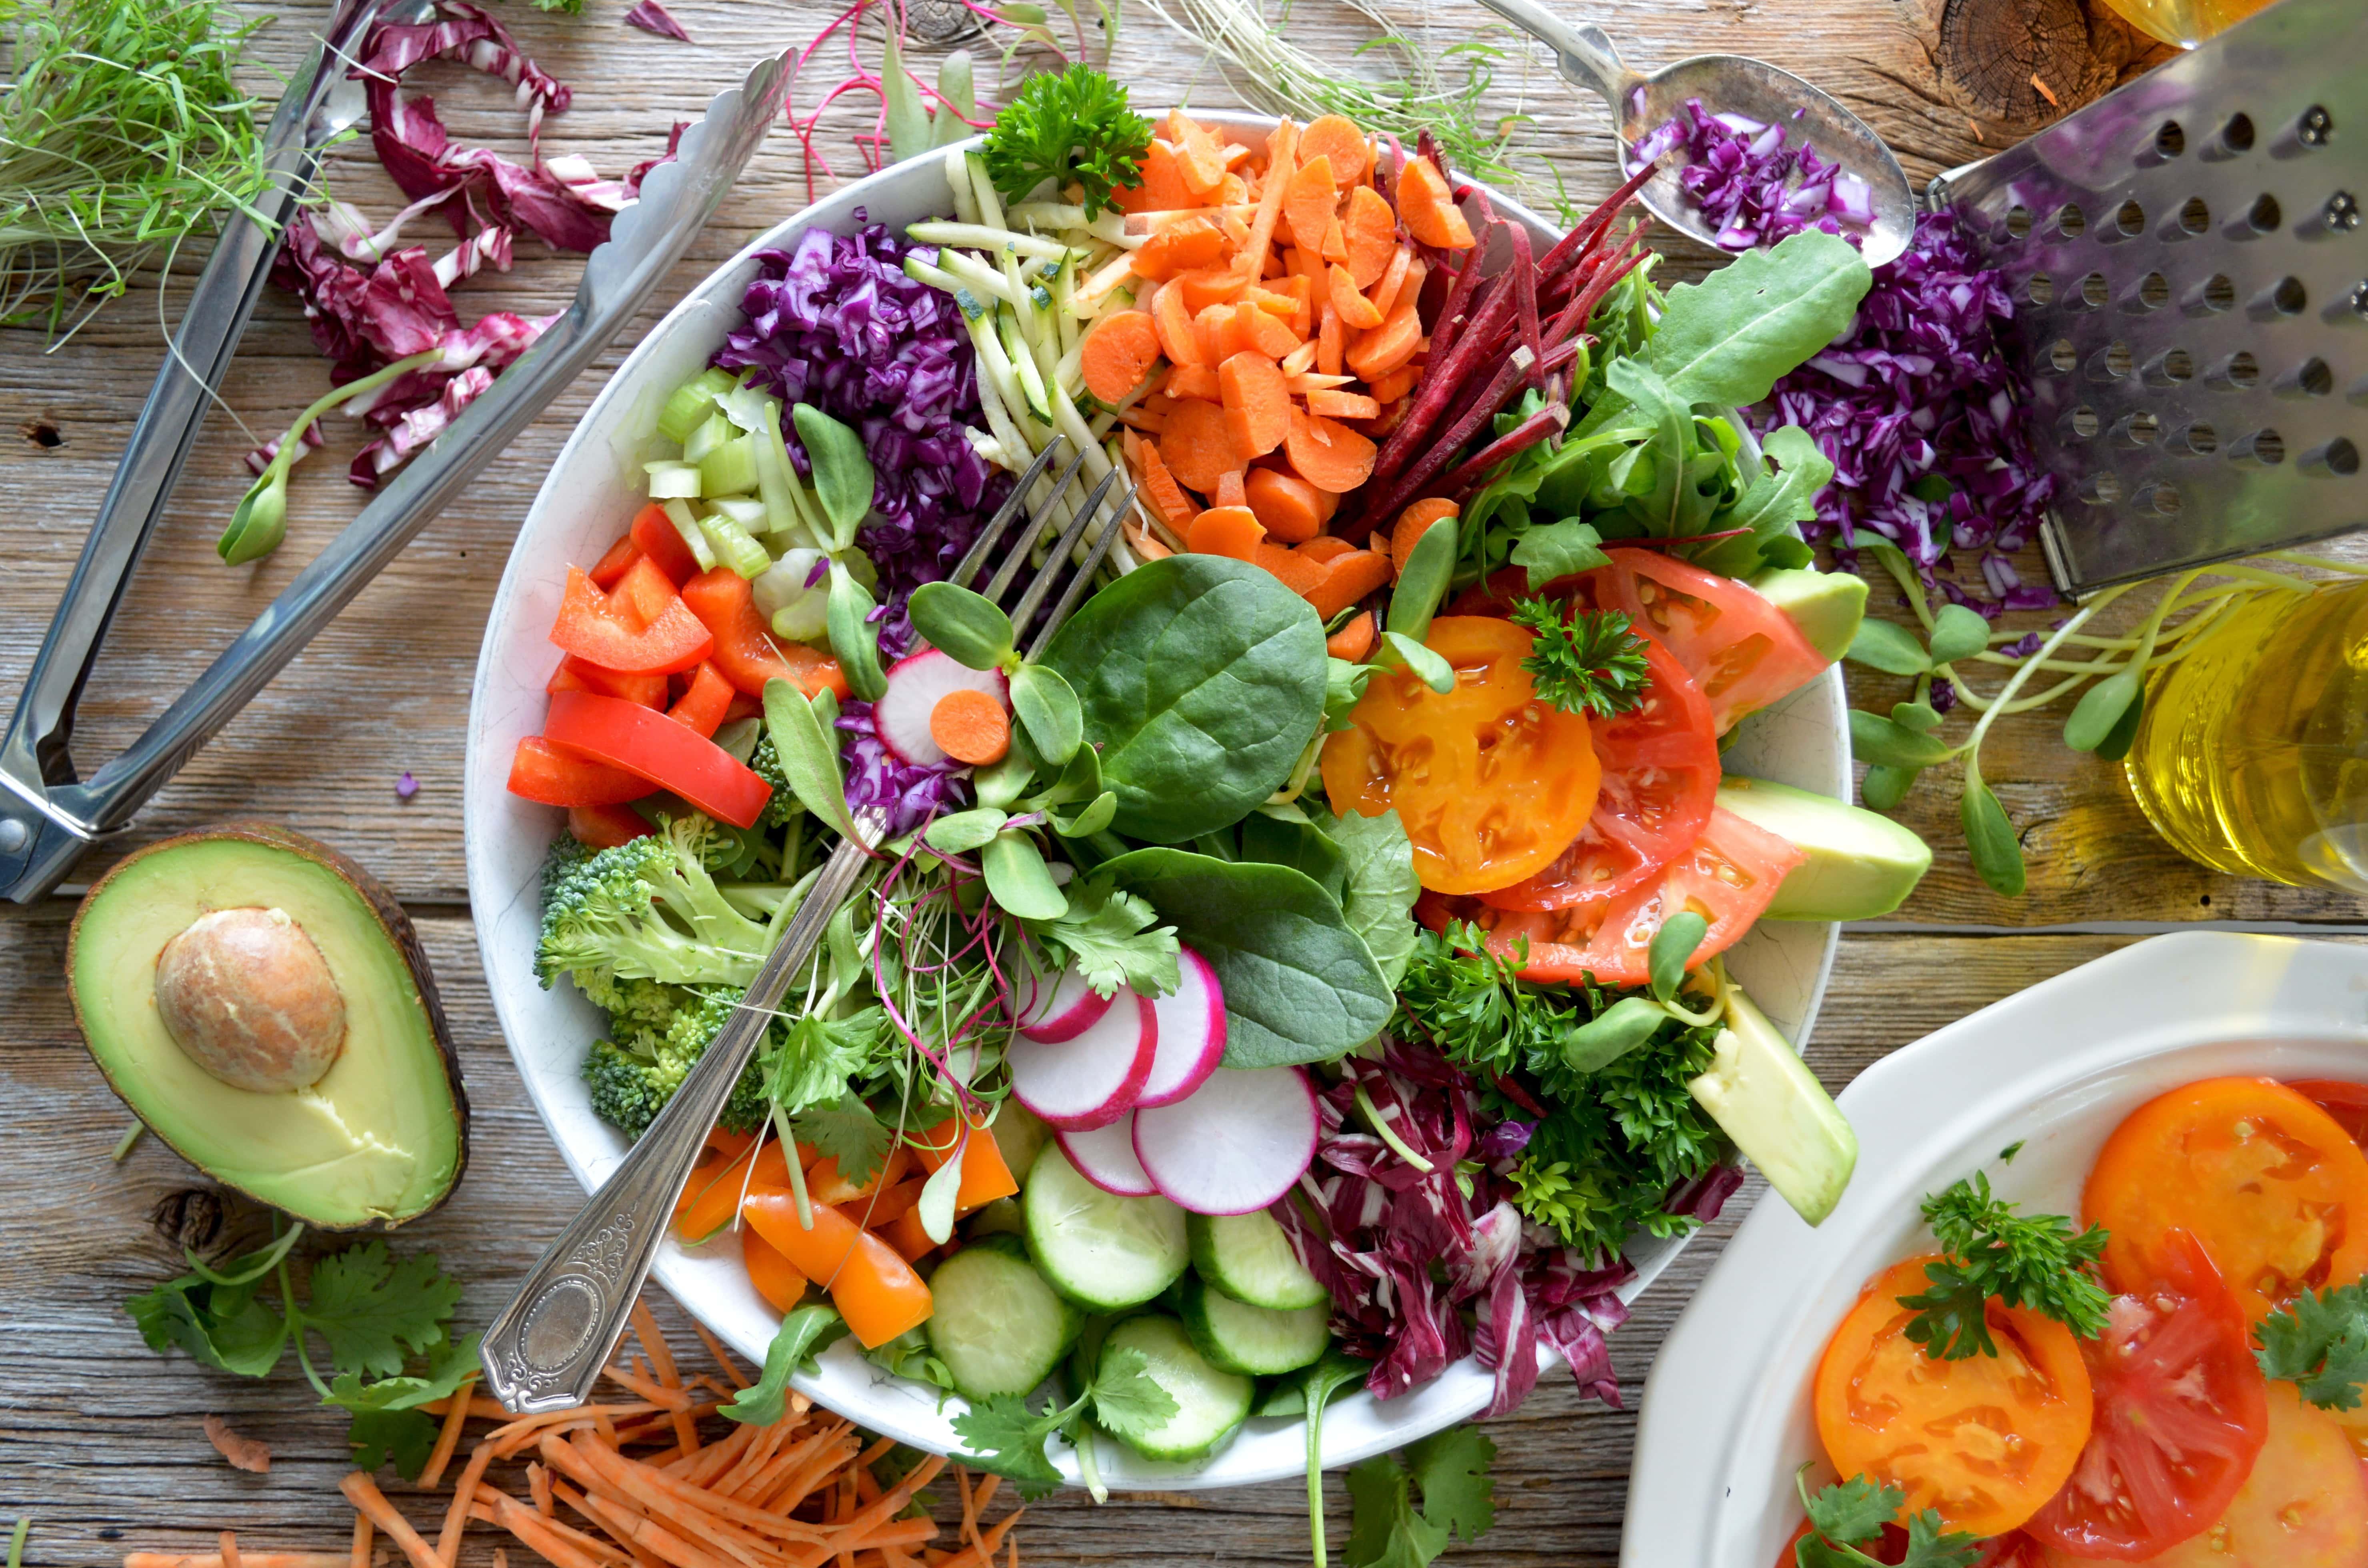 Prodotti surgelati | Frutta e verdura surgelate hanno dei benefici?